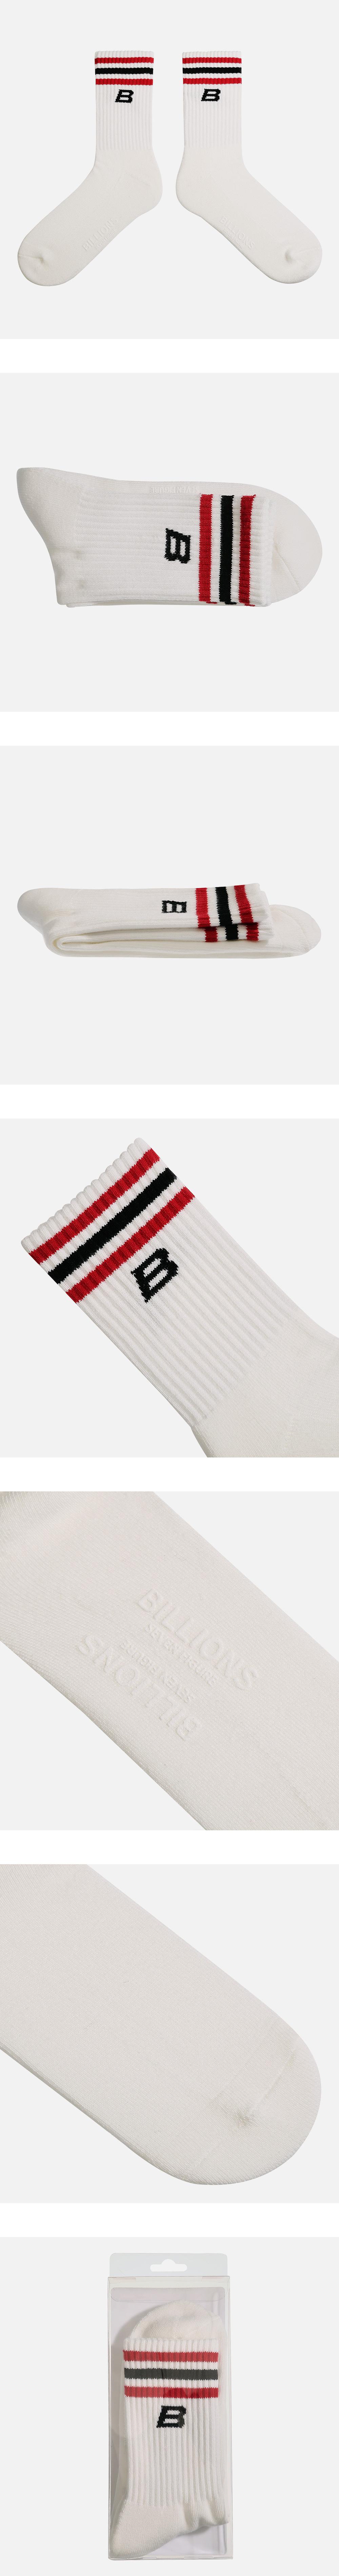 빌리언즈(BILLIONS) B LOGO SOCKS (RED)